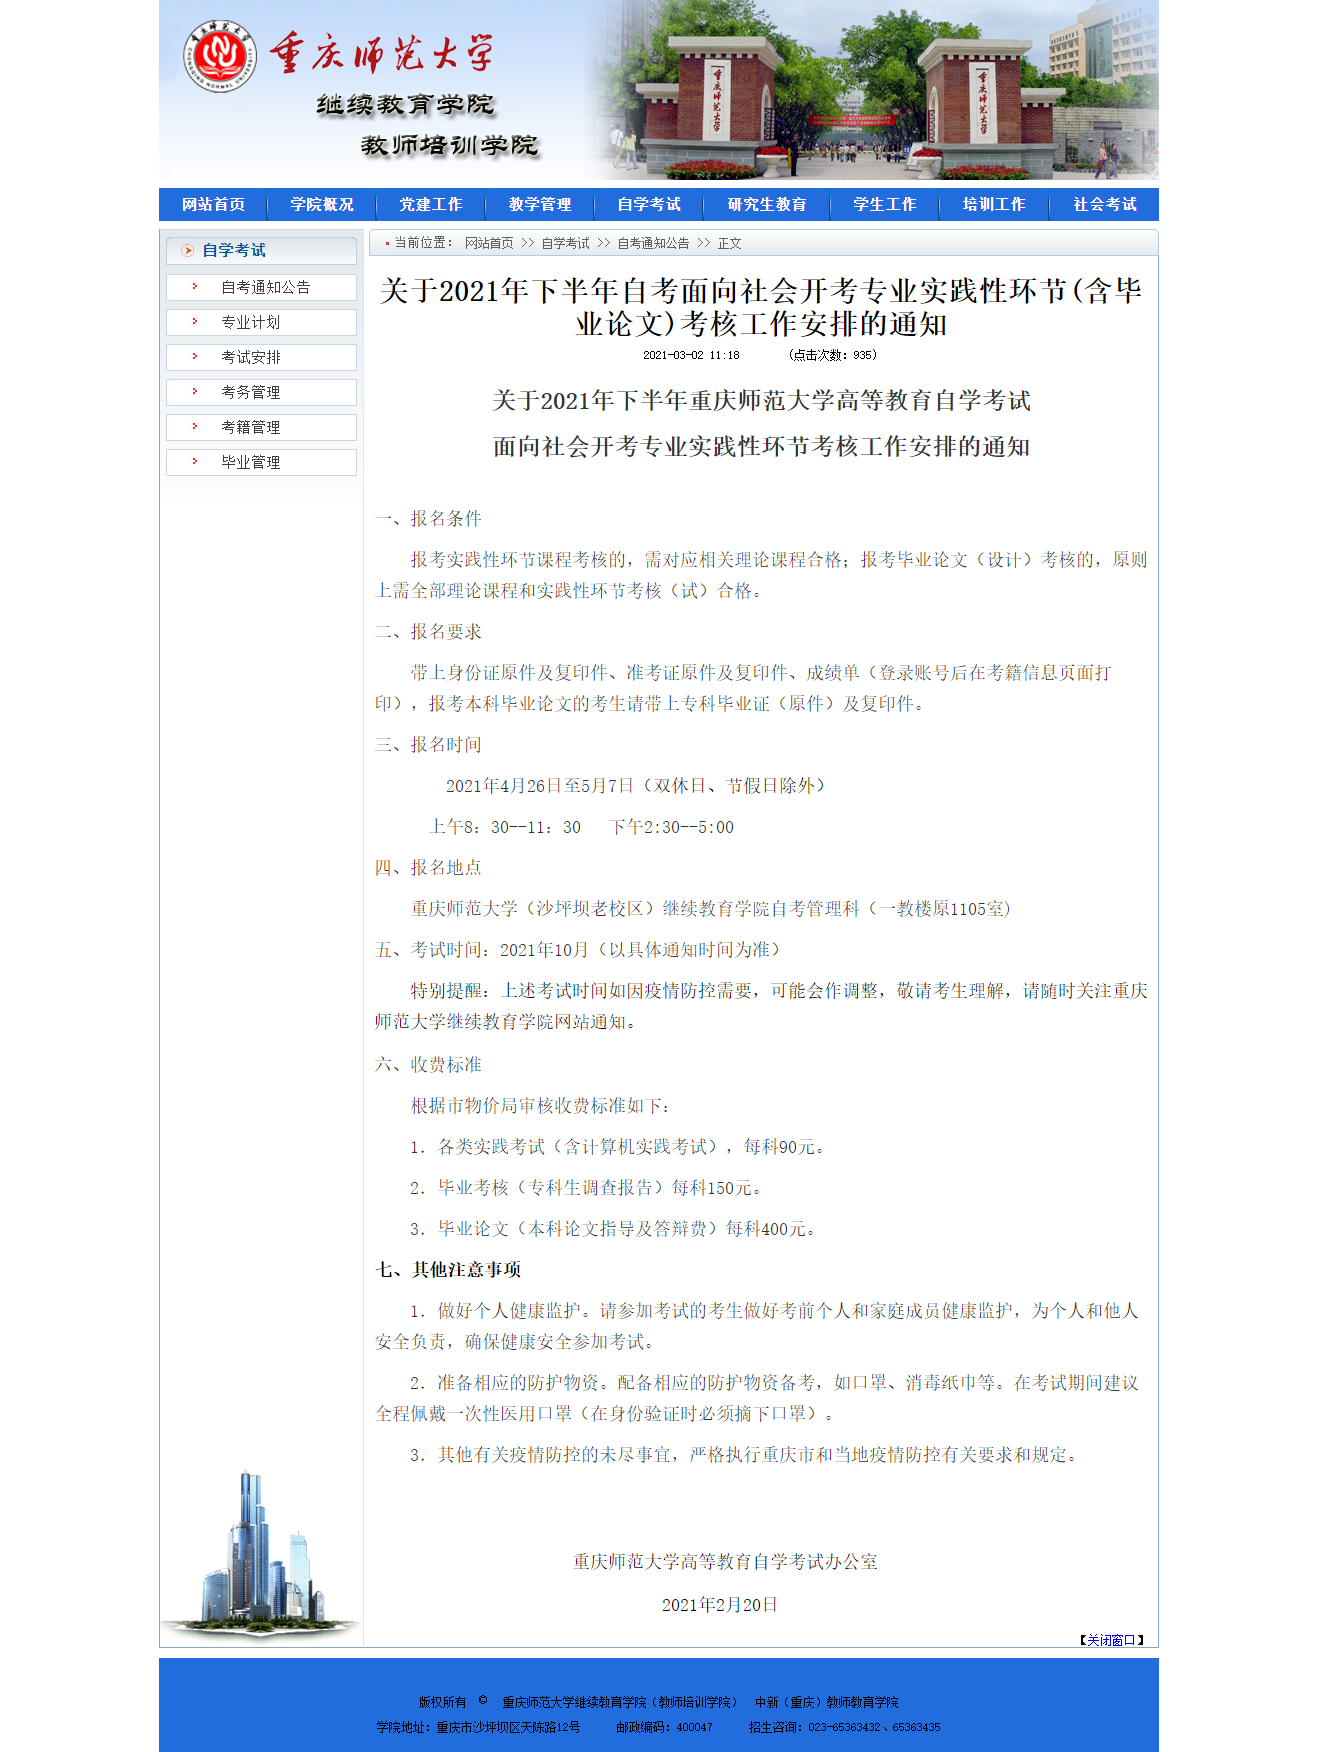 2021年下半年重庆师范大学自考面向社会开考专业实践性环节(含毕业论文)考核工作安排